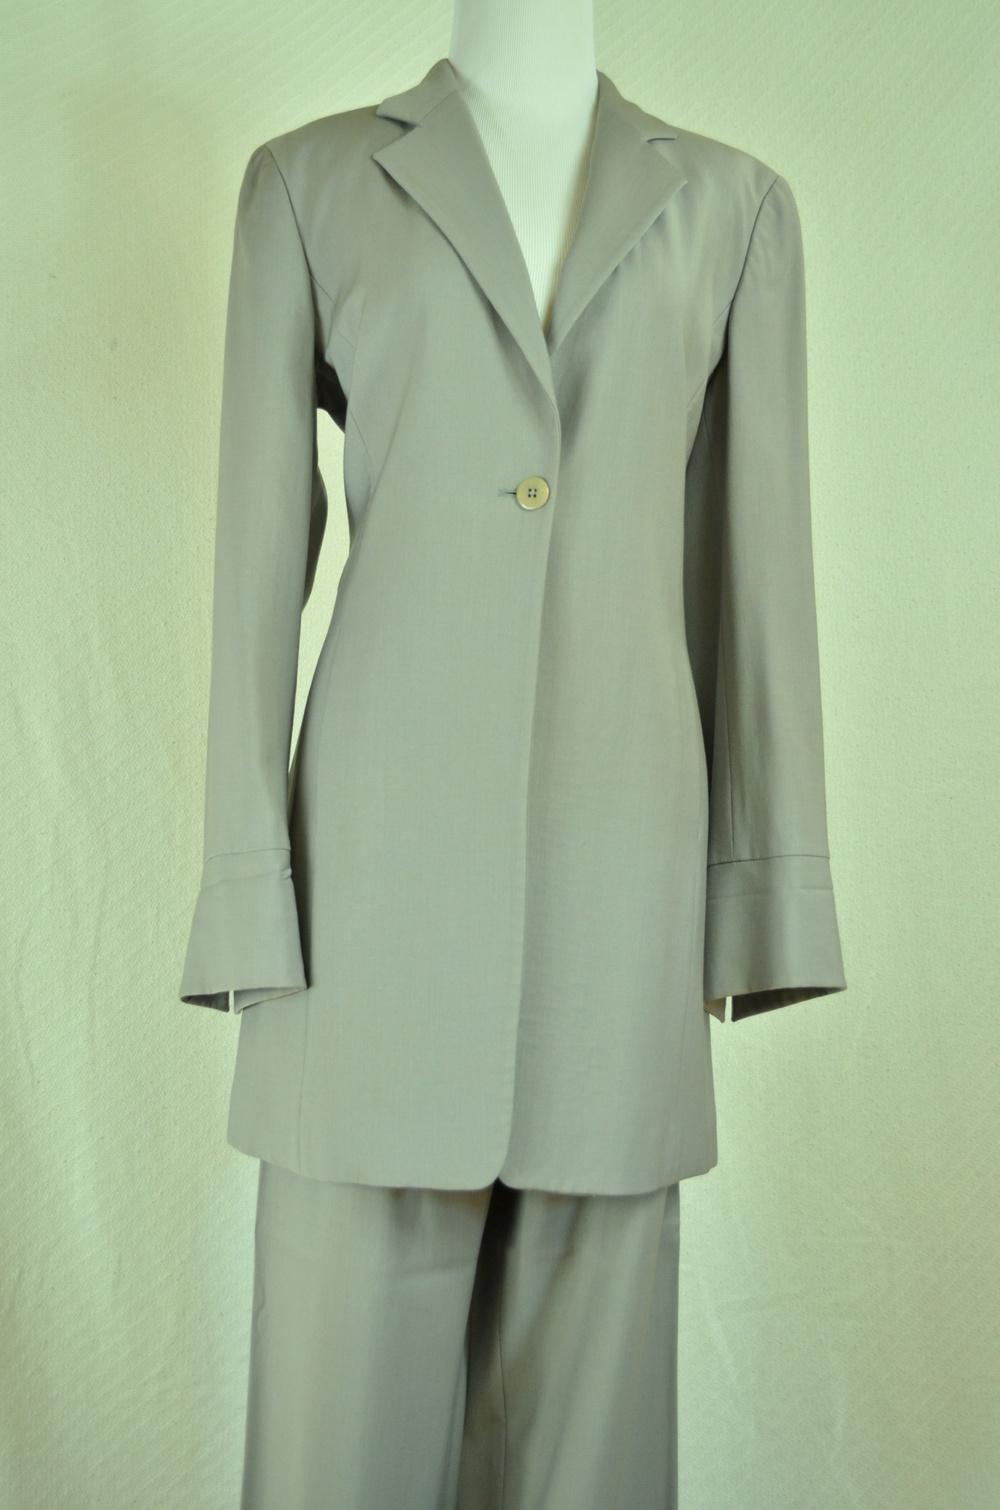 45. Armani Collezioni Vintage Gray Suit